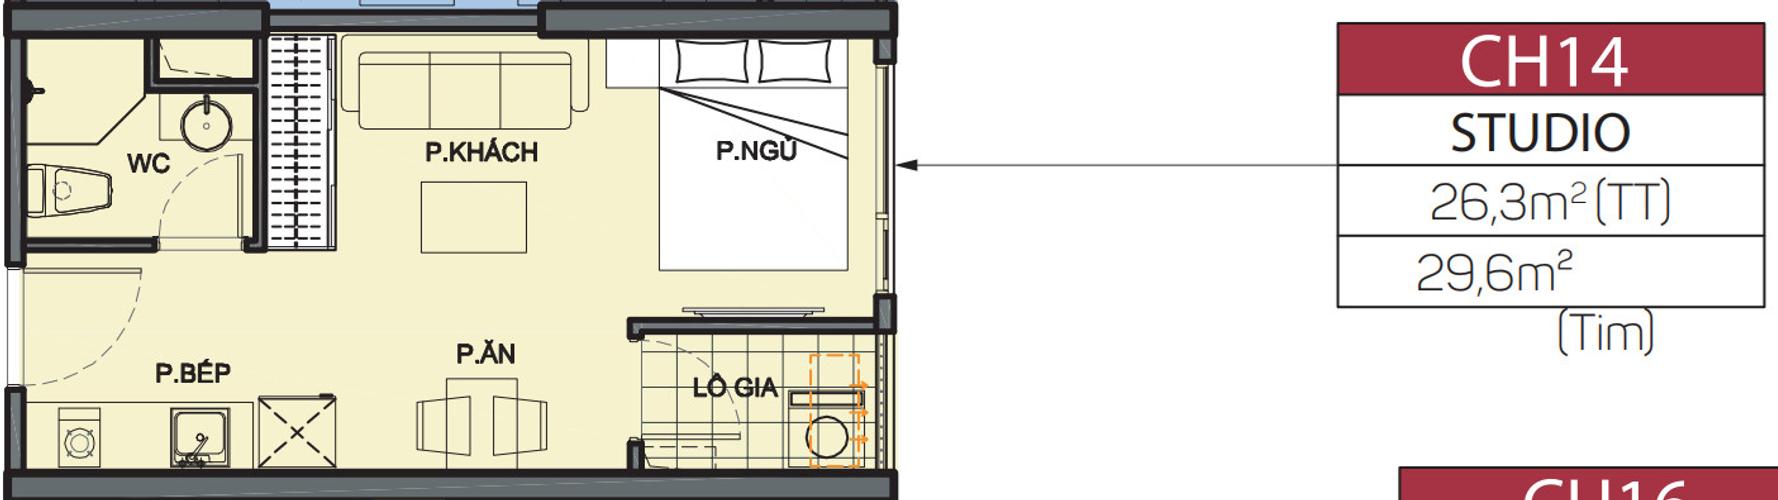 Studio Vinhomes Grand Park tầng 4 diện tishc 29.6m2, không có nội thất.